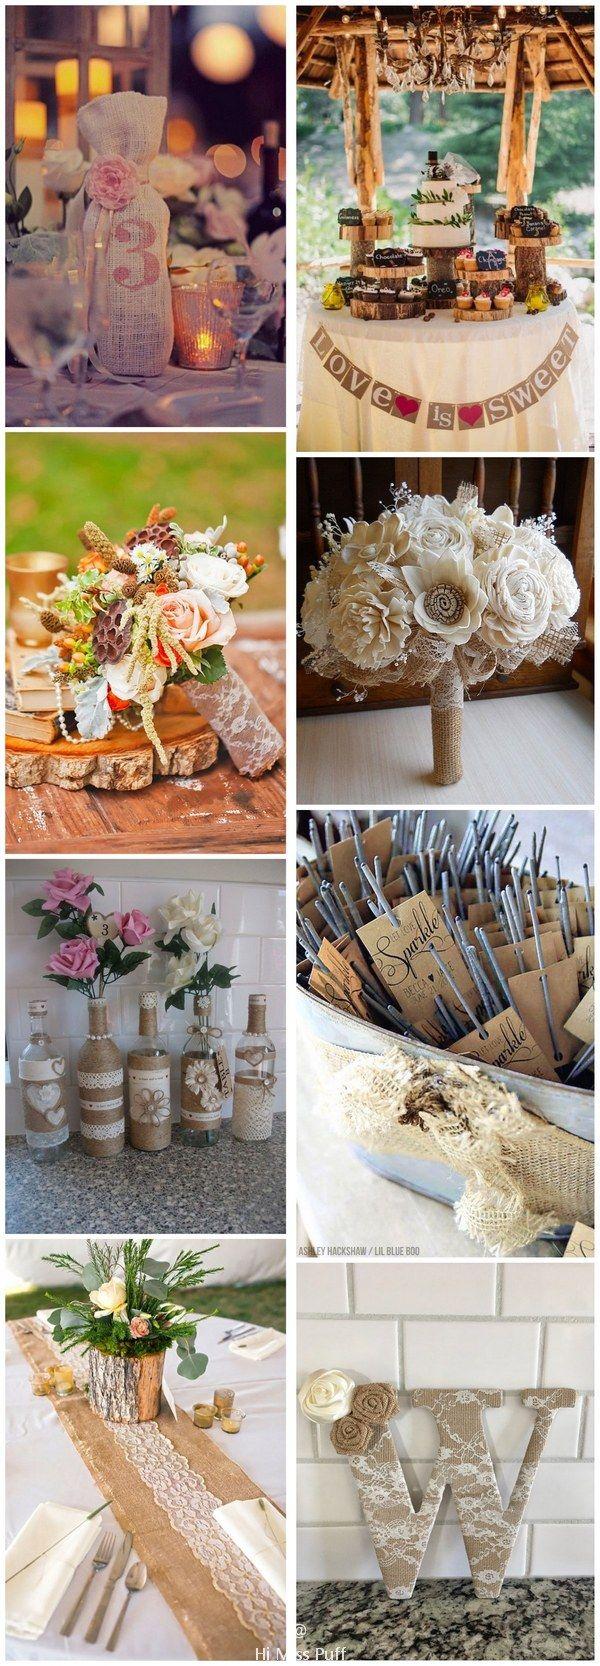 Rustic Country Burlap Wedding Ideas You'll Love #rusticwedding #countrywedding #burlapwedding #rustic #weddingideas